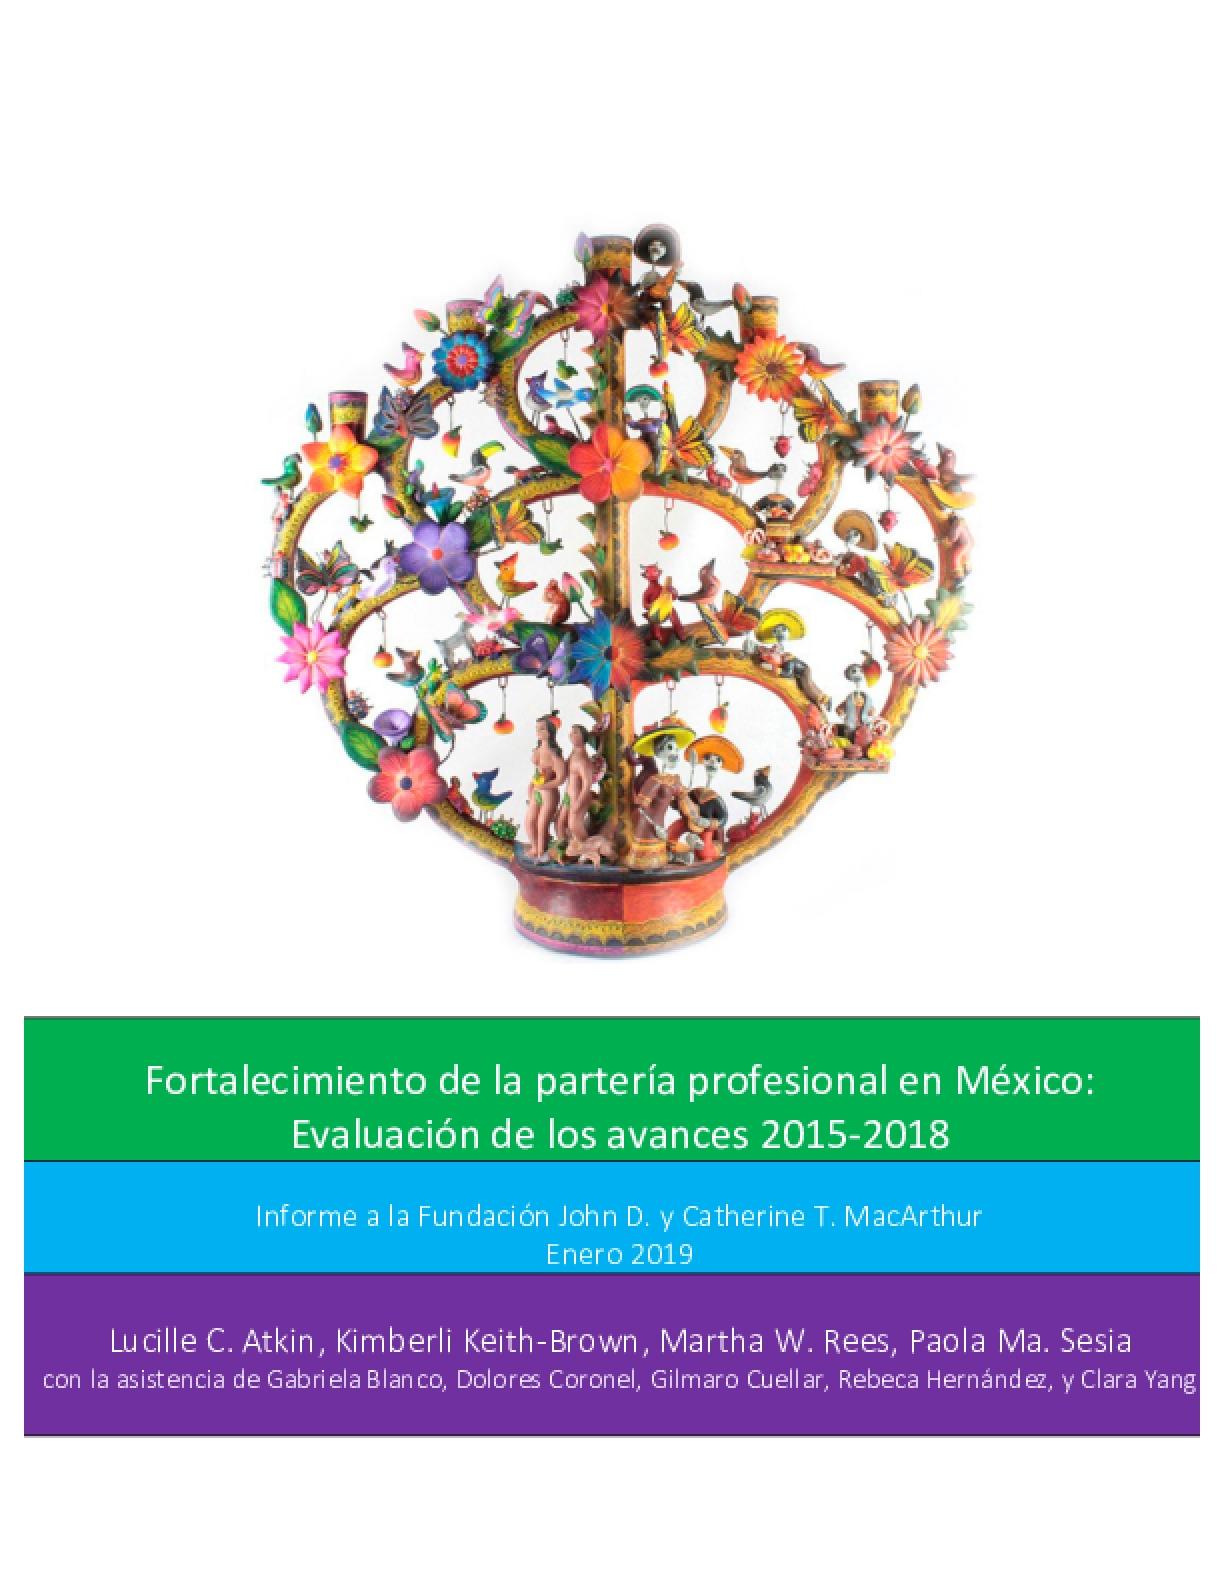 Fortalecimiento de la Partería Profesional en México: Evaluación de los Avances 2015-2018